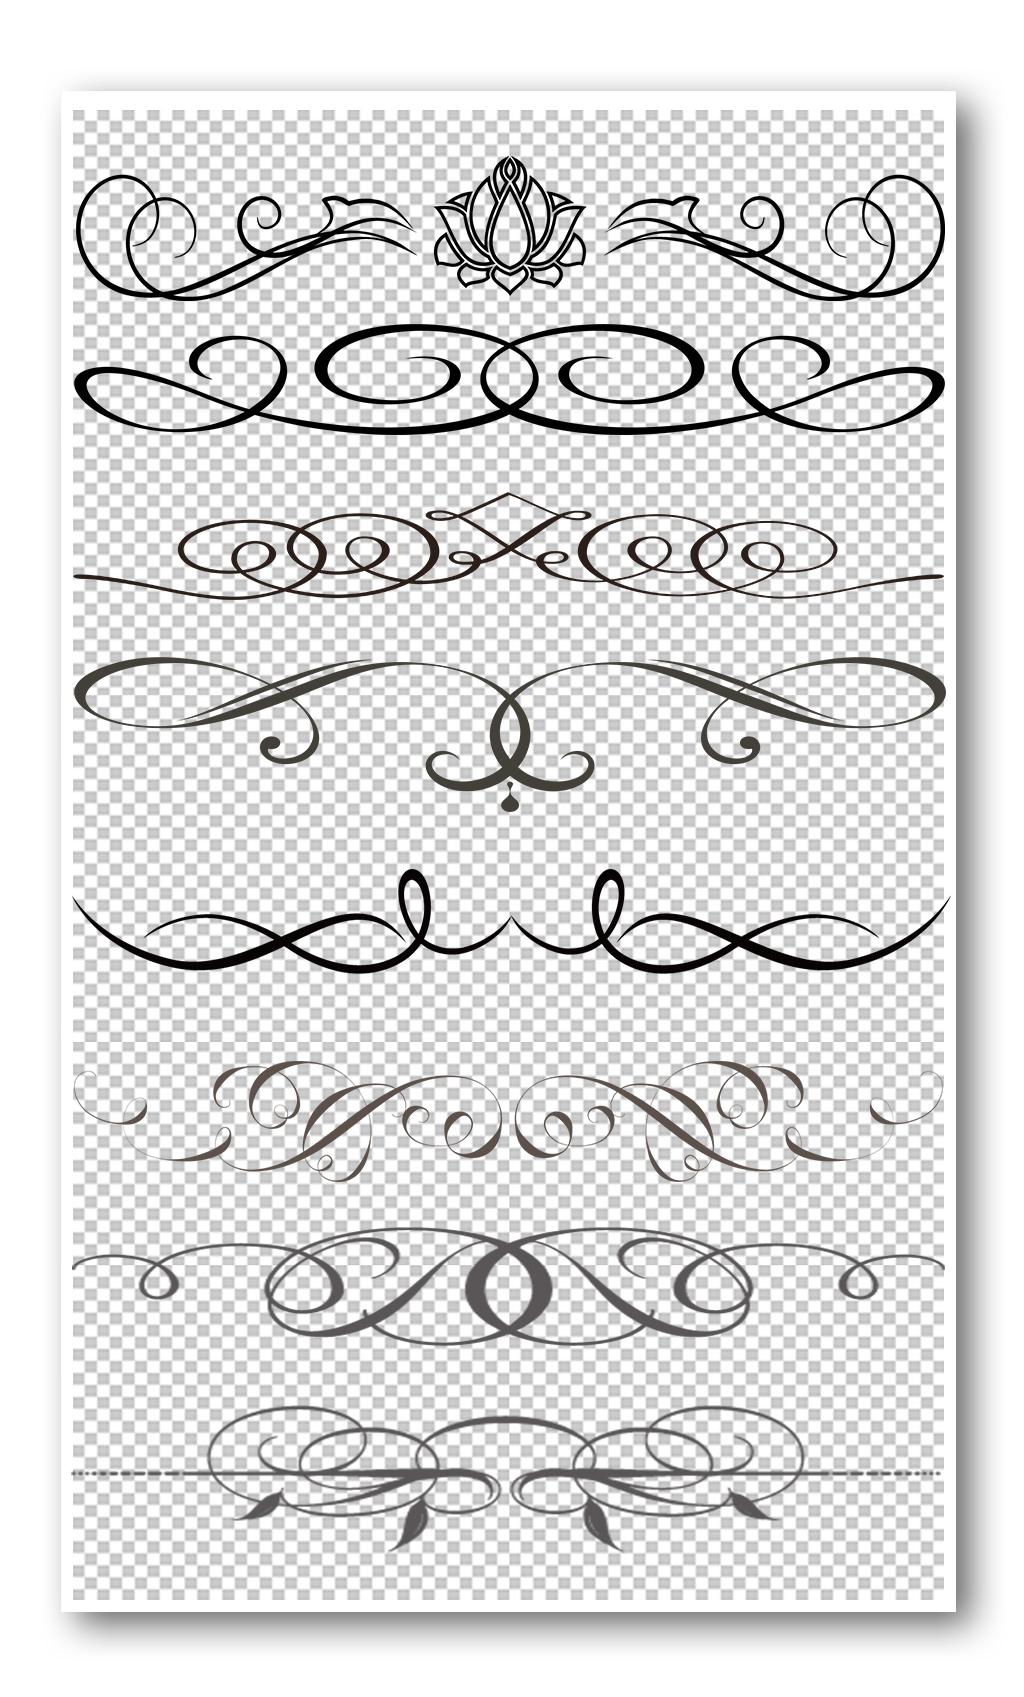 手抄报 小报 小报/板报素材 花边 > 黑色线圈花纹边框元素   图片编号